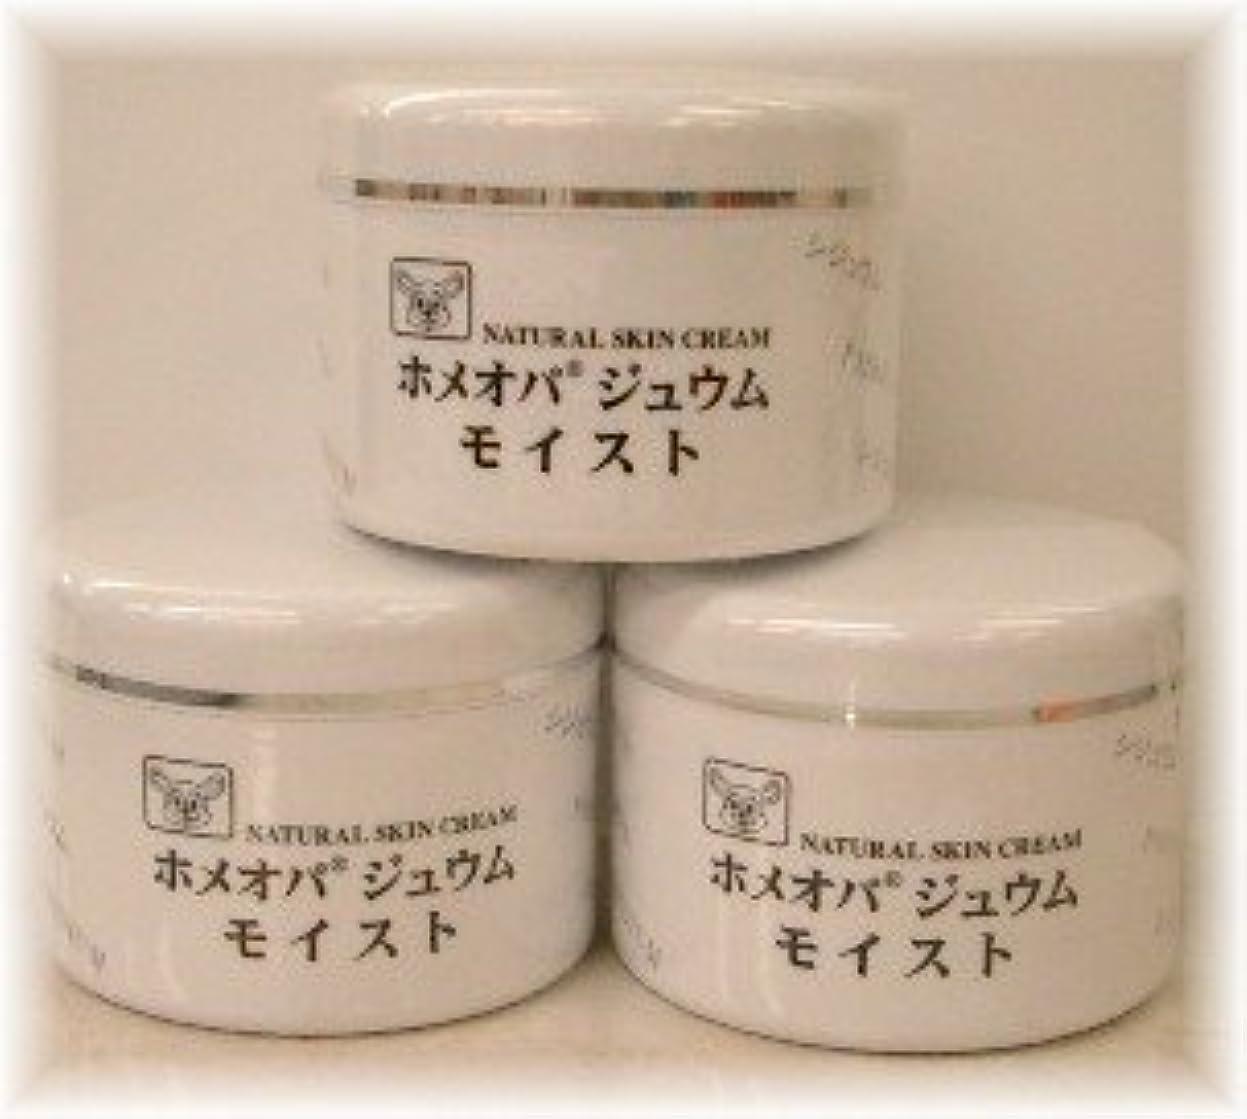 奇跡フローアプトホメオパジュウム スキンケア商品3点 ¥10500クリームモイストx3個